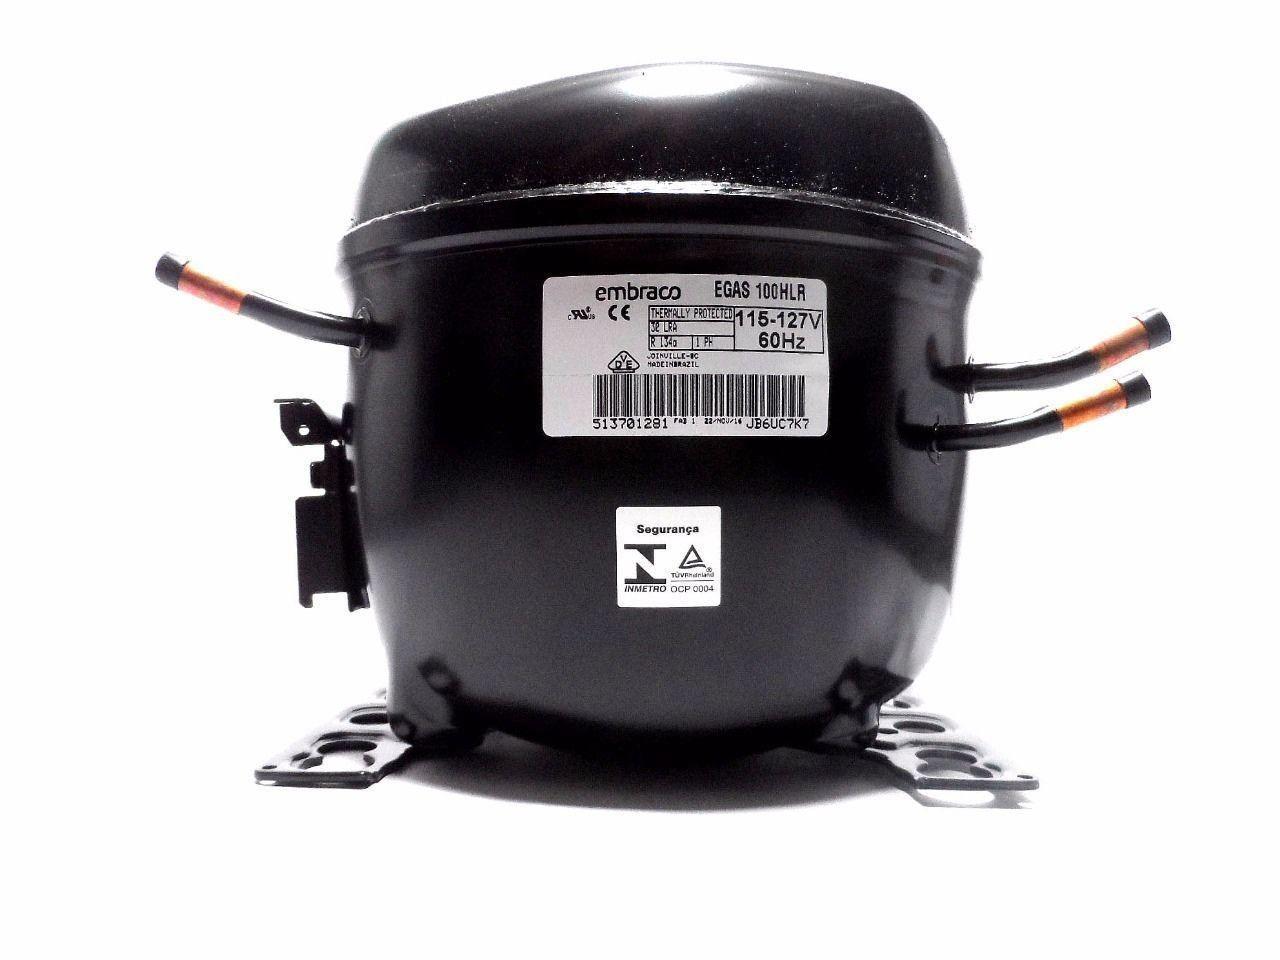 Motor Compressor Embraco 1/3 127V 134A Geladeira EGAS100HLR W10393814